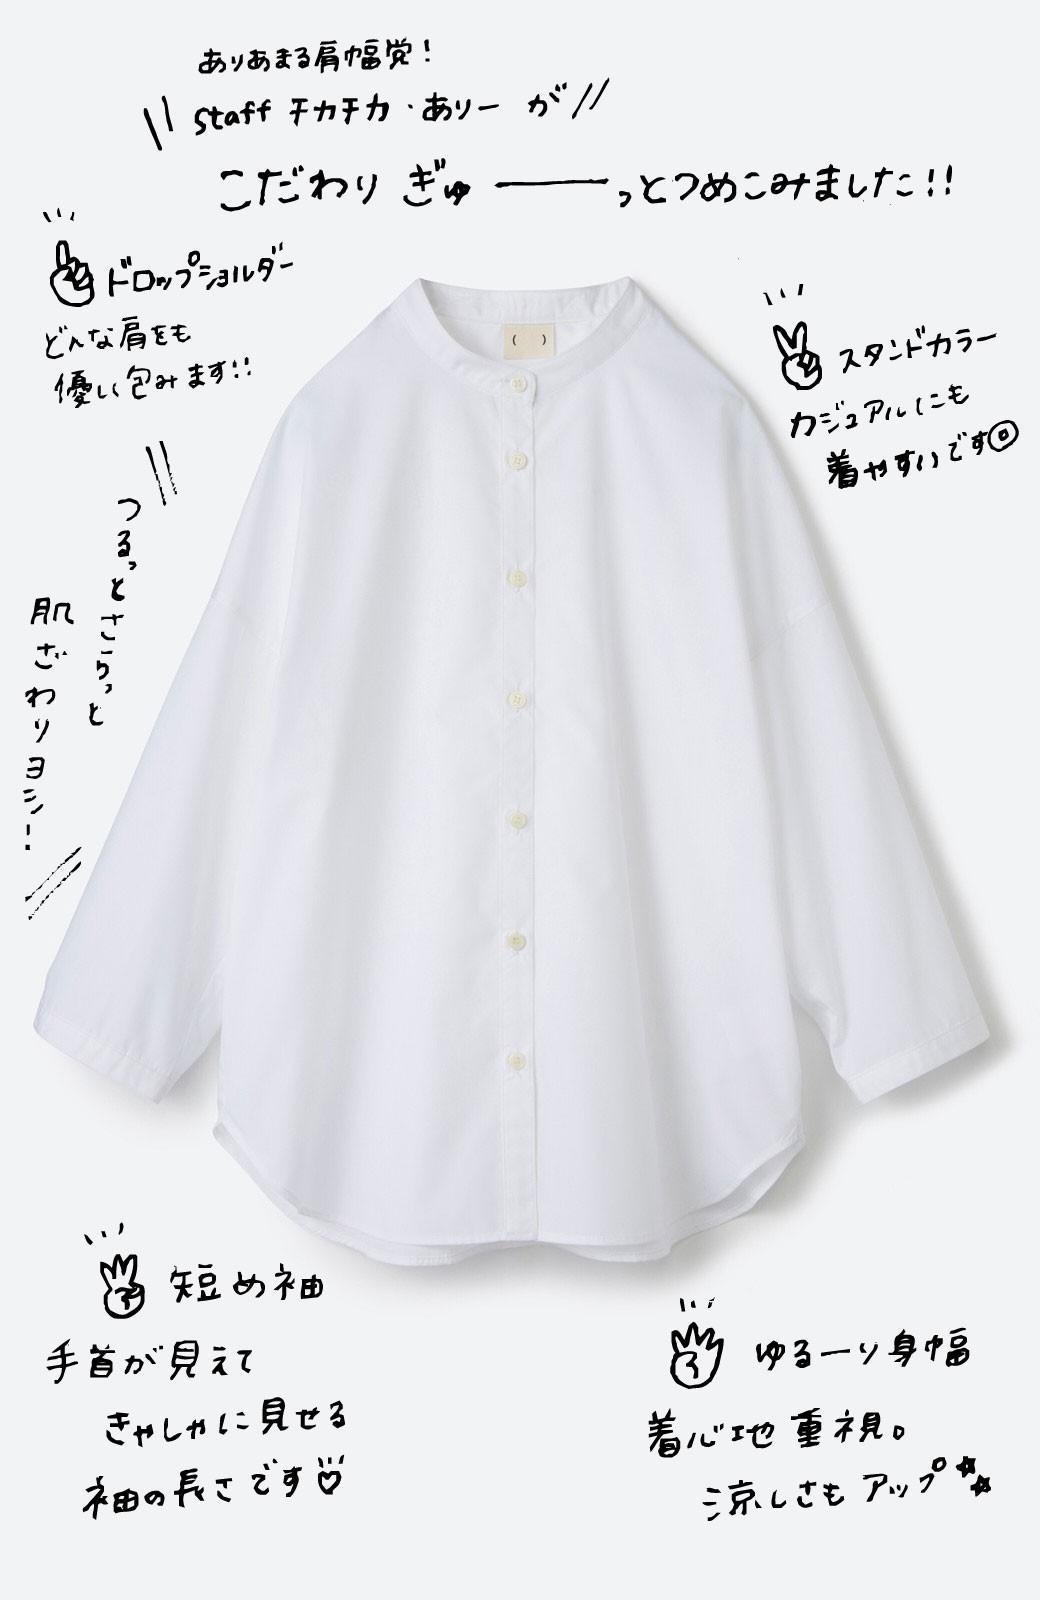 haco! 【あまる肩幅党】肩幅広めがなんのその! きちんと見えて肩まわりゆったりの定番スタンドカラーシャツ <ホワイト>の商品写真2